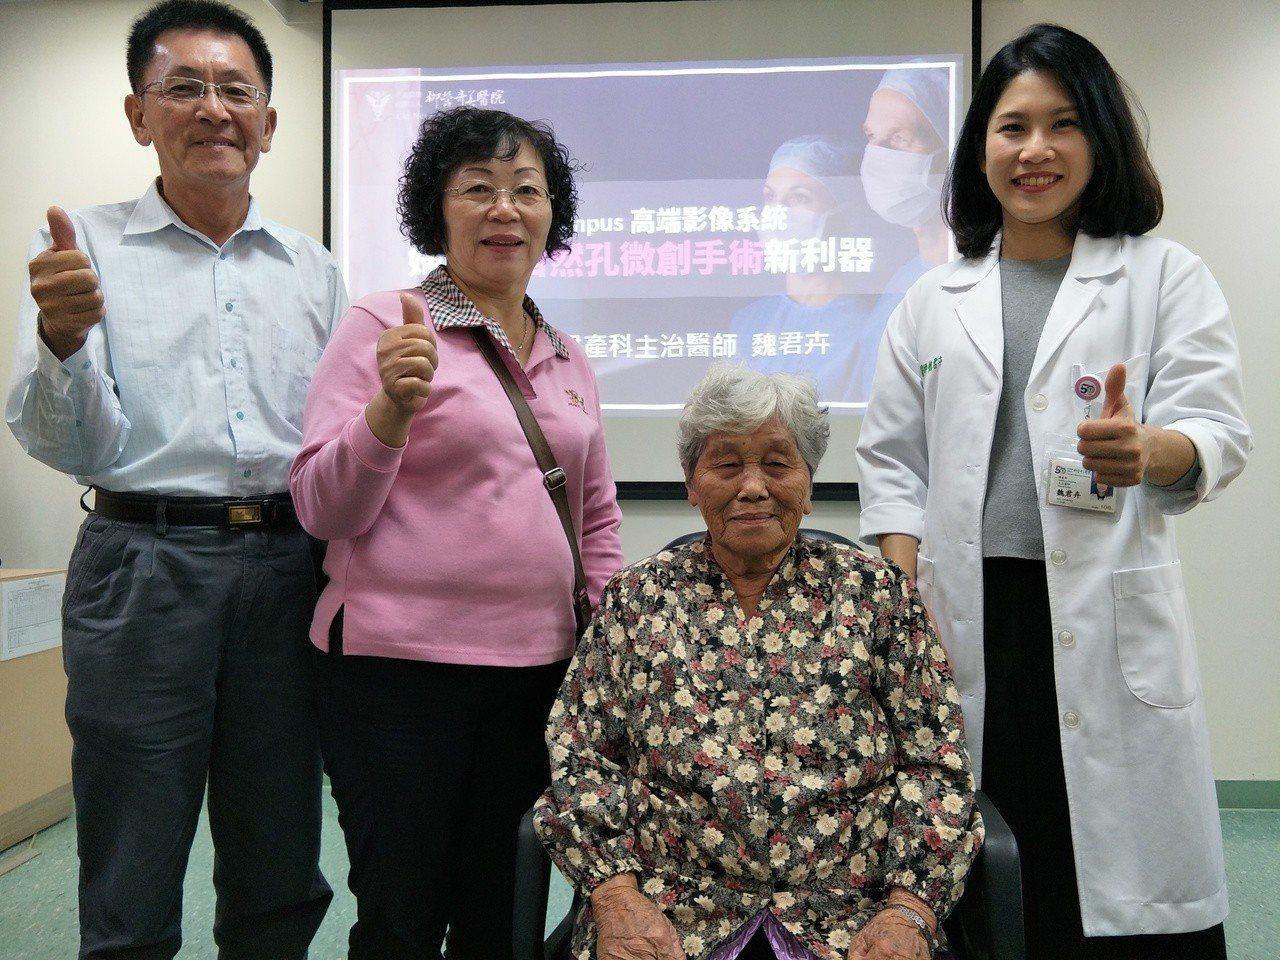 柳營奇美引進4K腹腔鏡影像系統,88歲郭阿嬤排尿困難接受自然孔腹腔鏡手術,術後出...